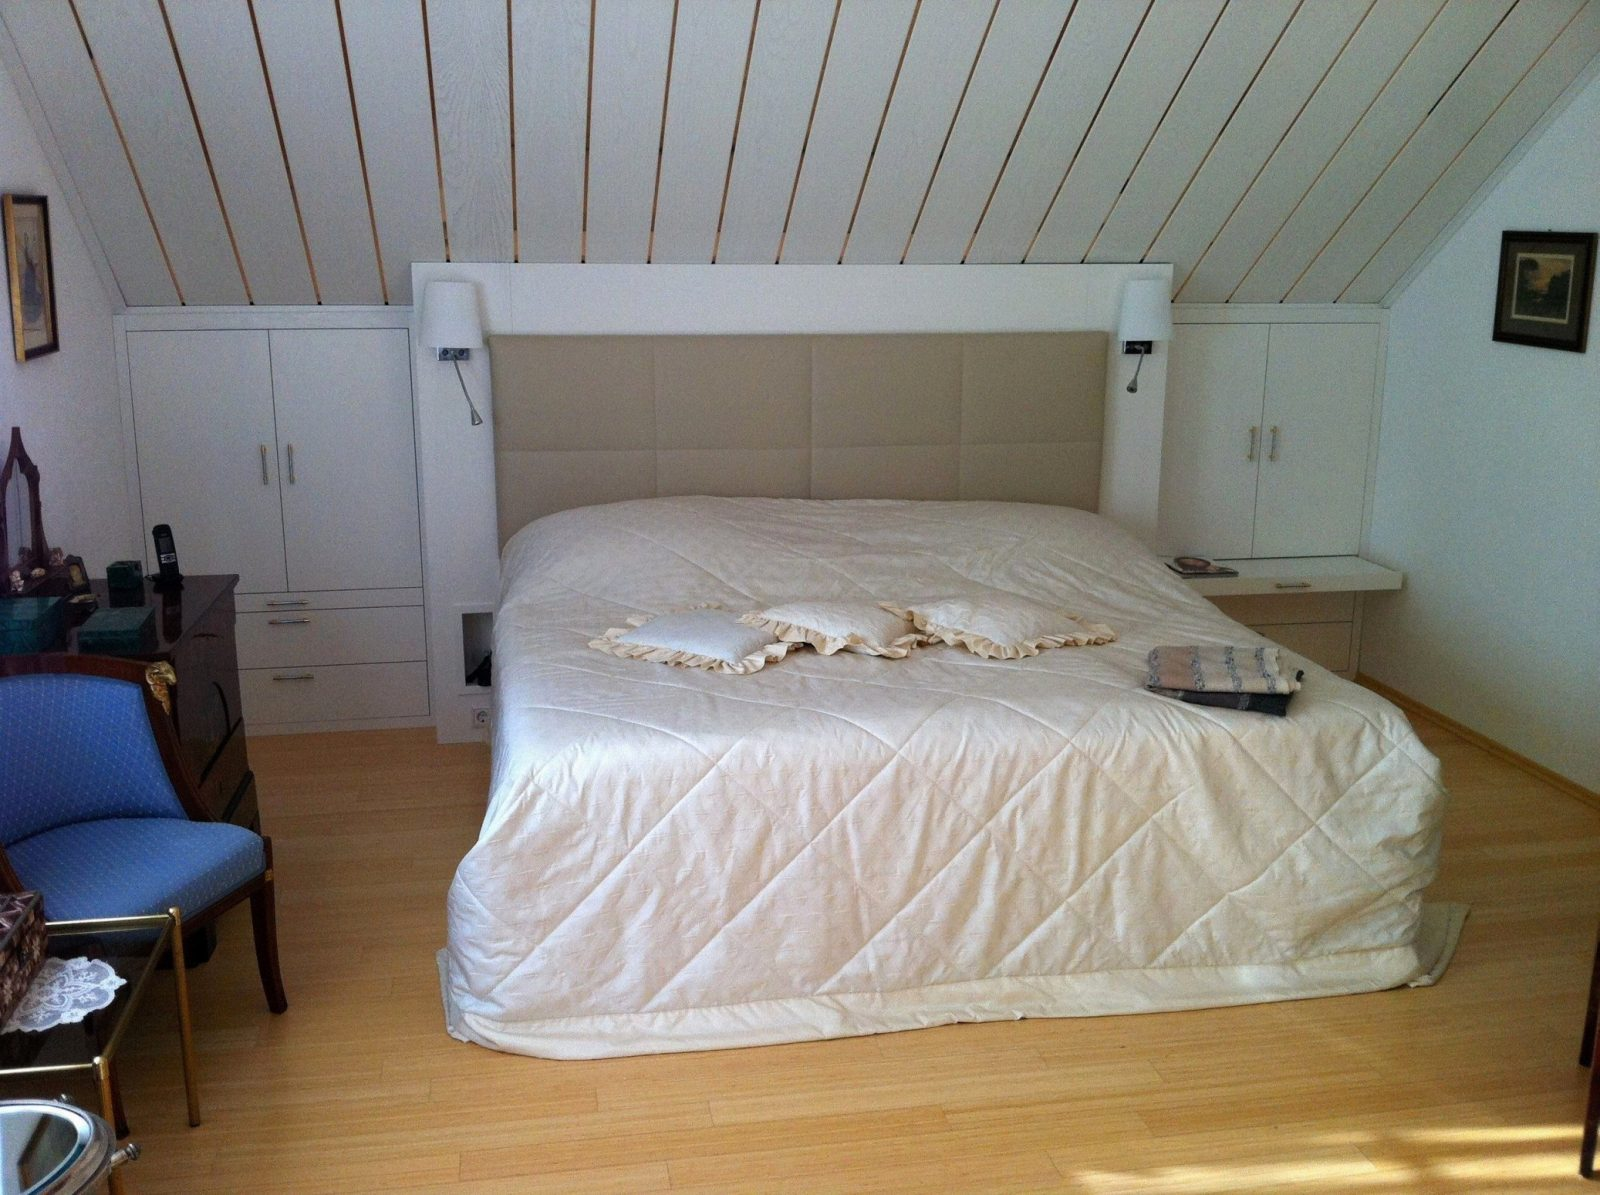 Schlafzimmer Mit Schrägen Wänden Gestalten Gallery Images von Bilder An Schrägen Wänden Bild